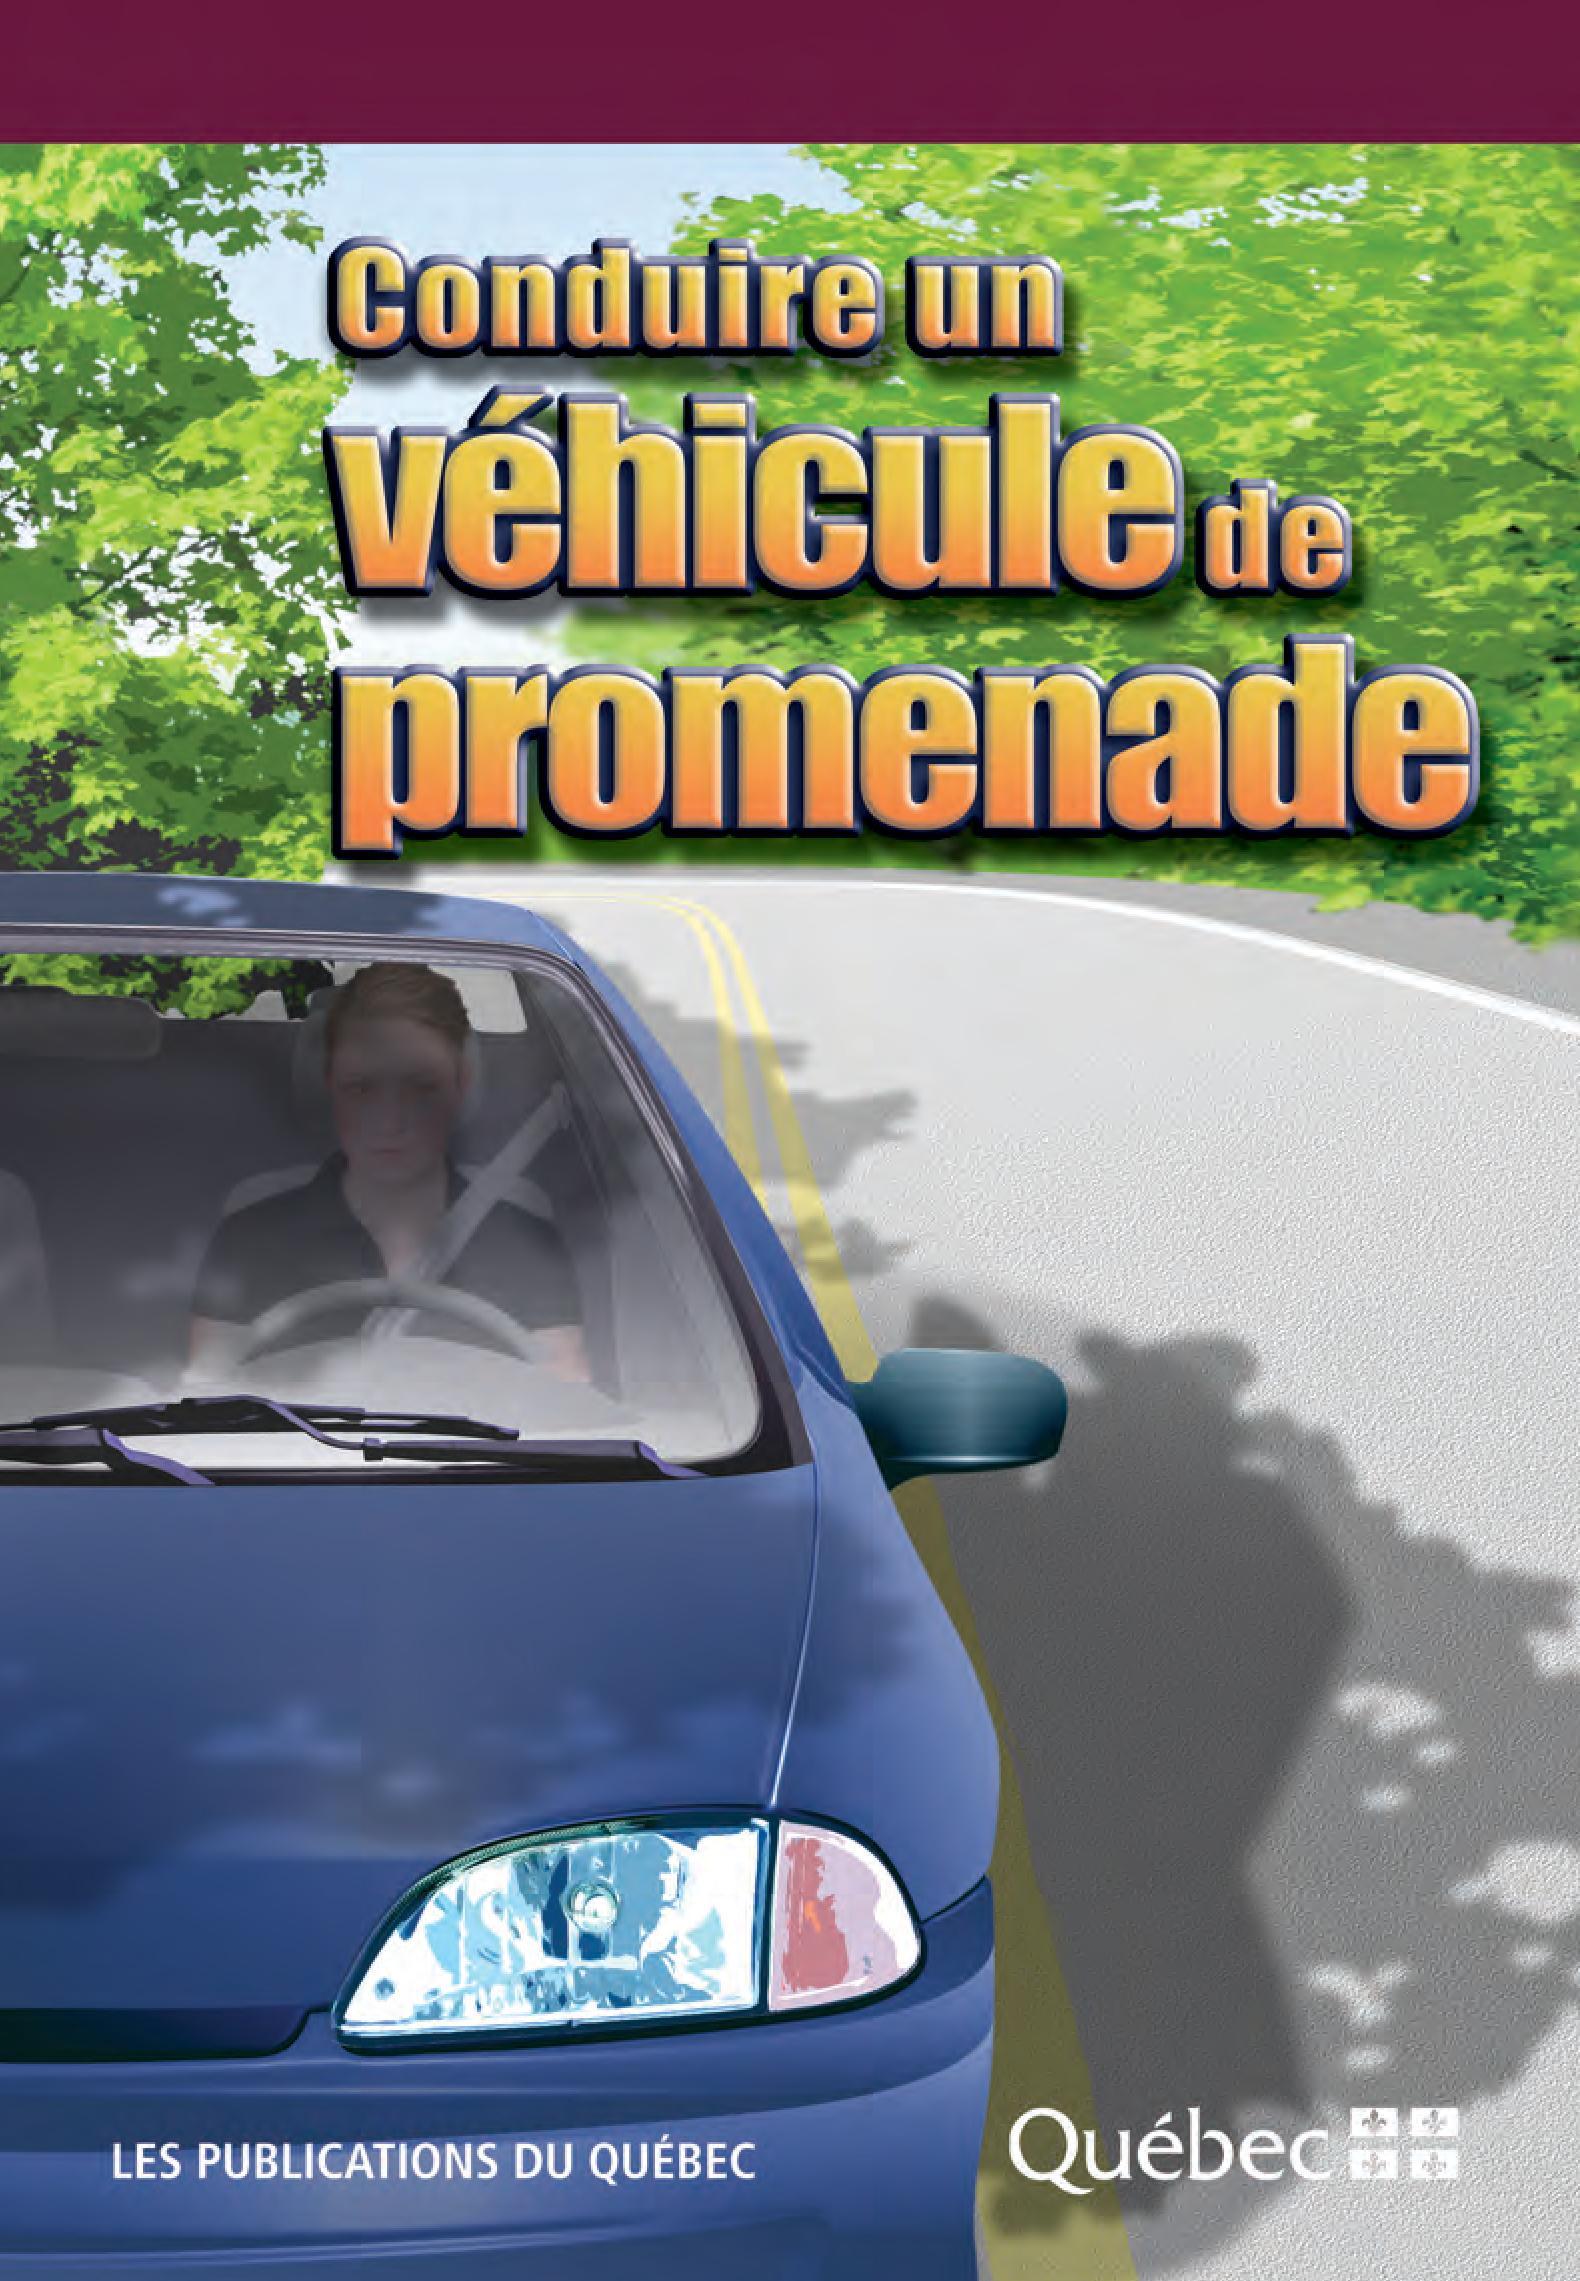 Conduire un véhicule de promenade